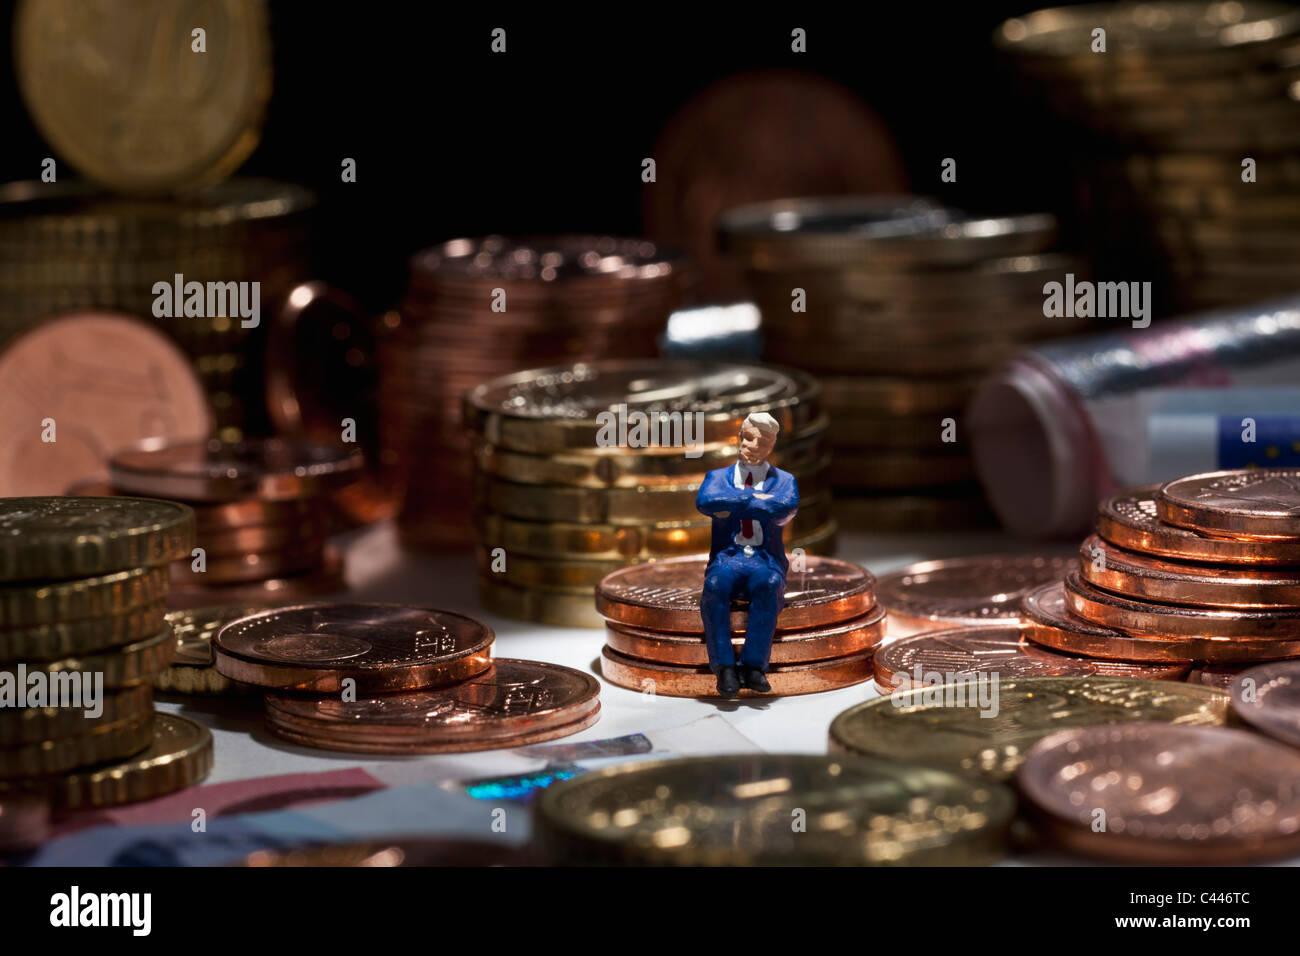 Un homme miniature, figurine avec les bras croisés assis sur une pile de pièces Banque D'Images